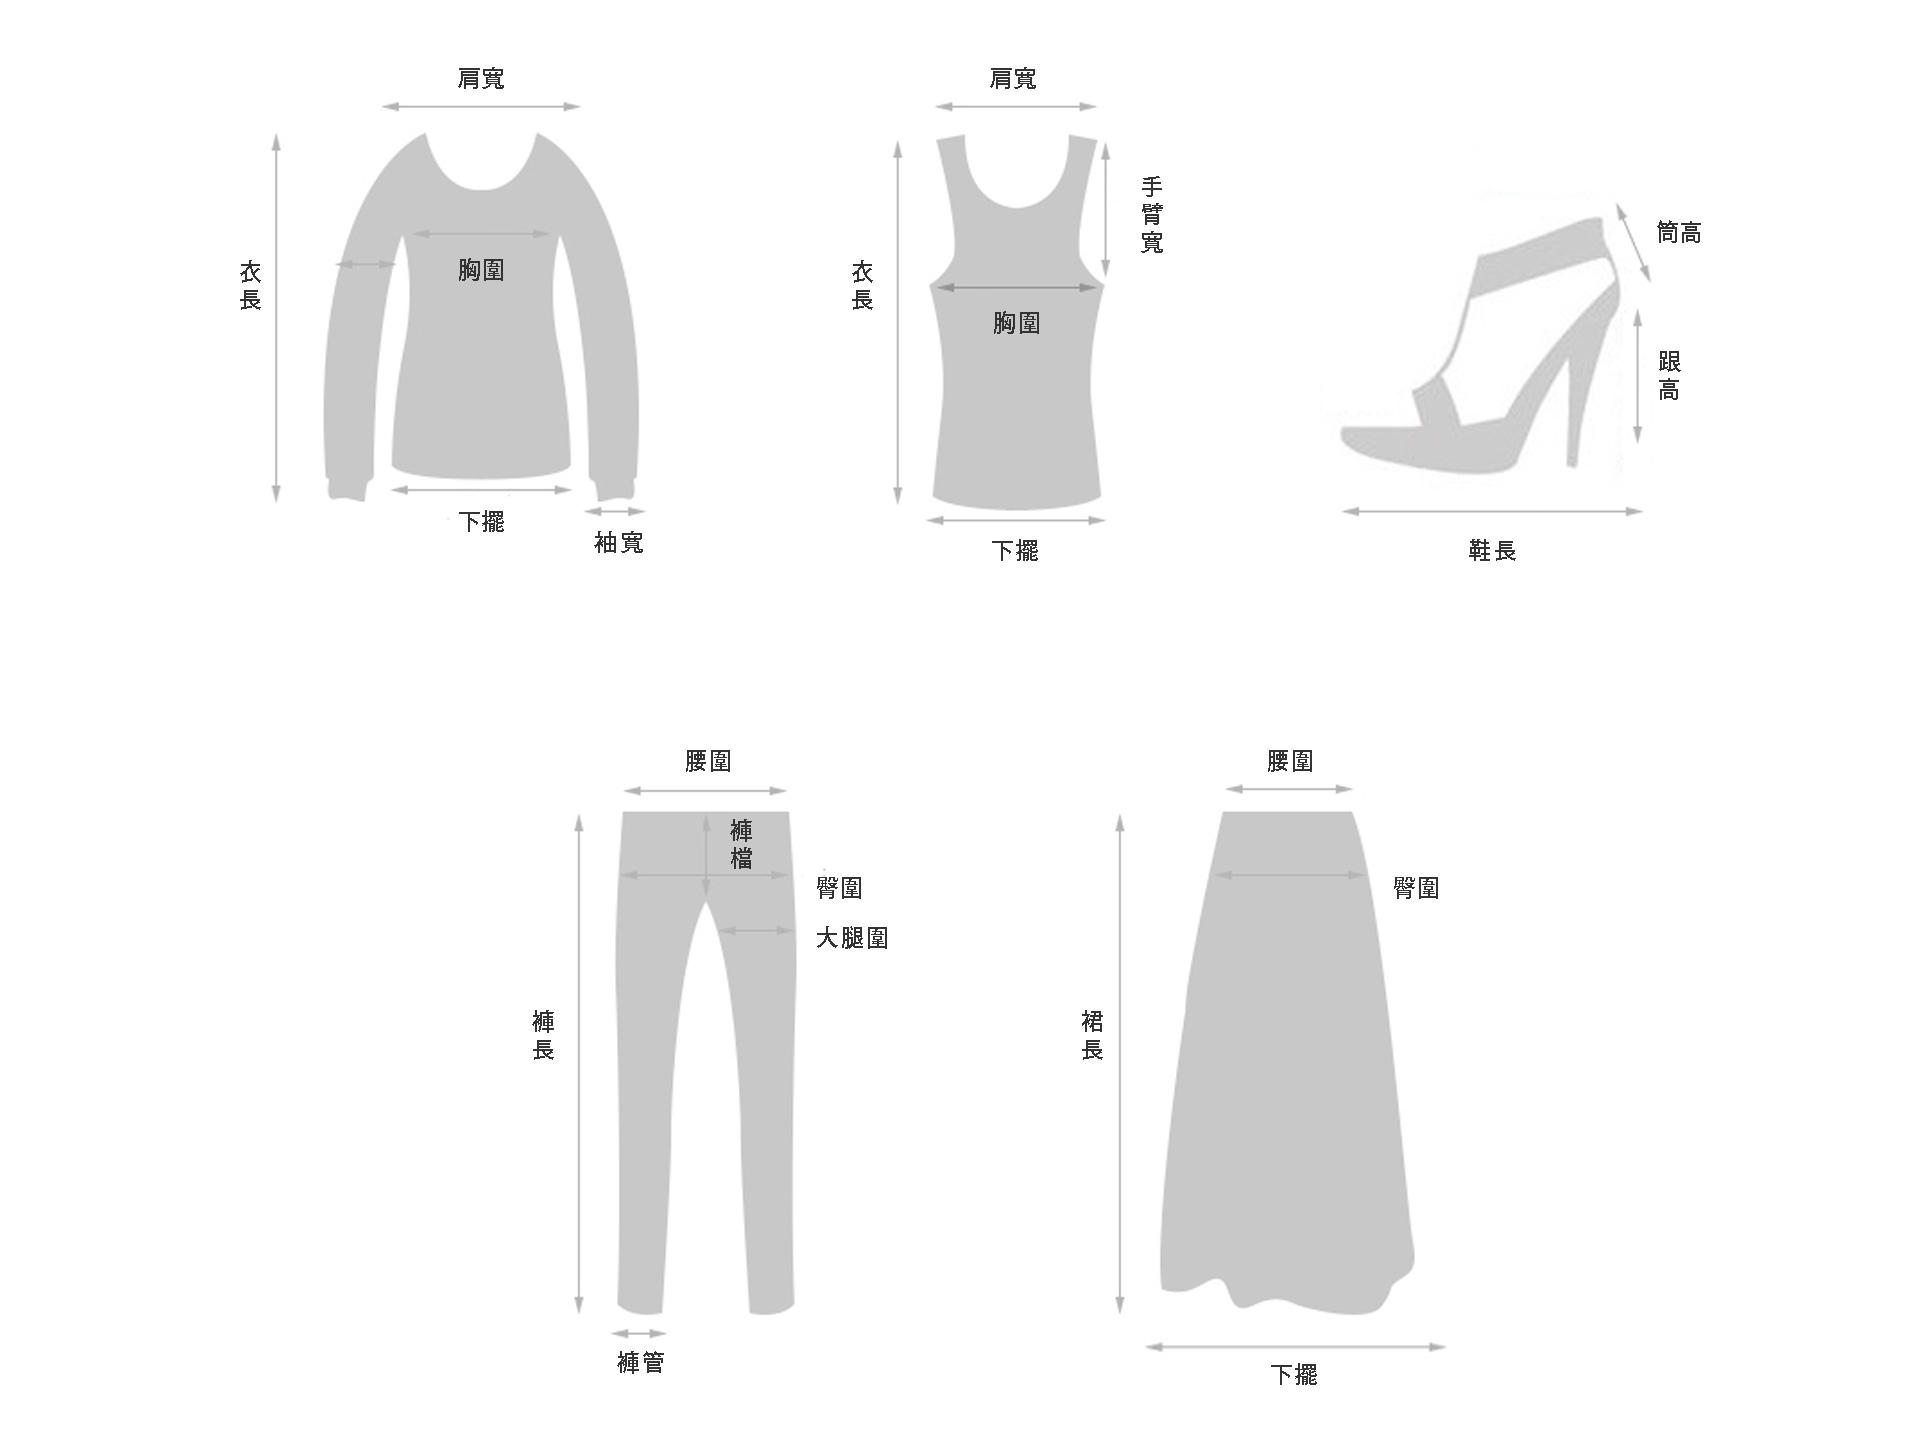 尺寸皆為平放丈量,單位為公分,正負約有2~3cm誤差。